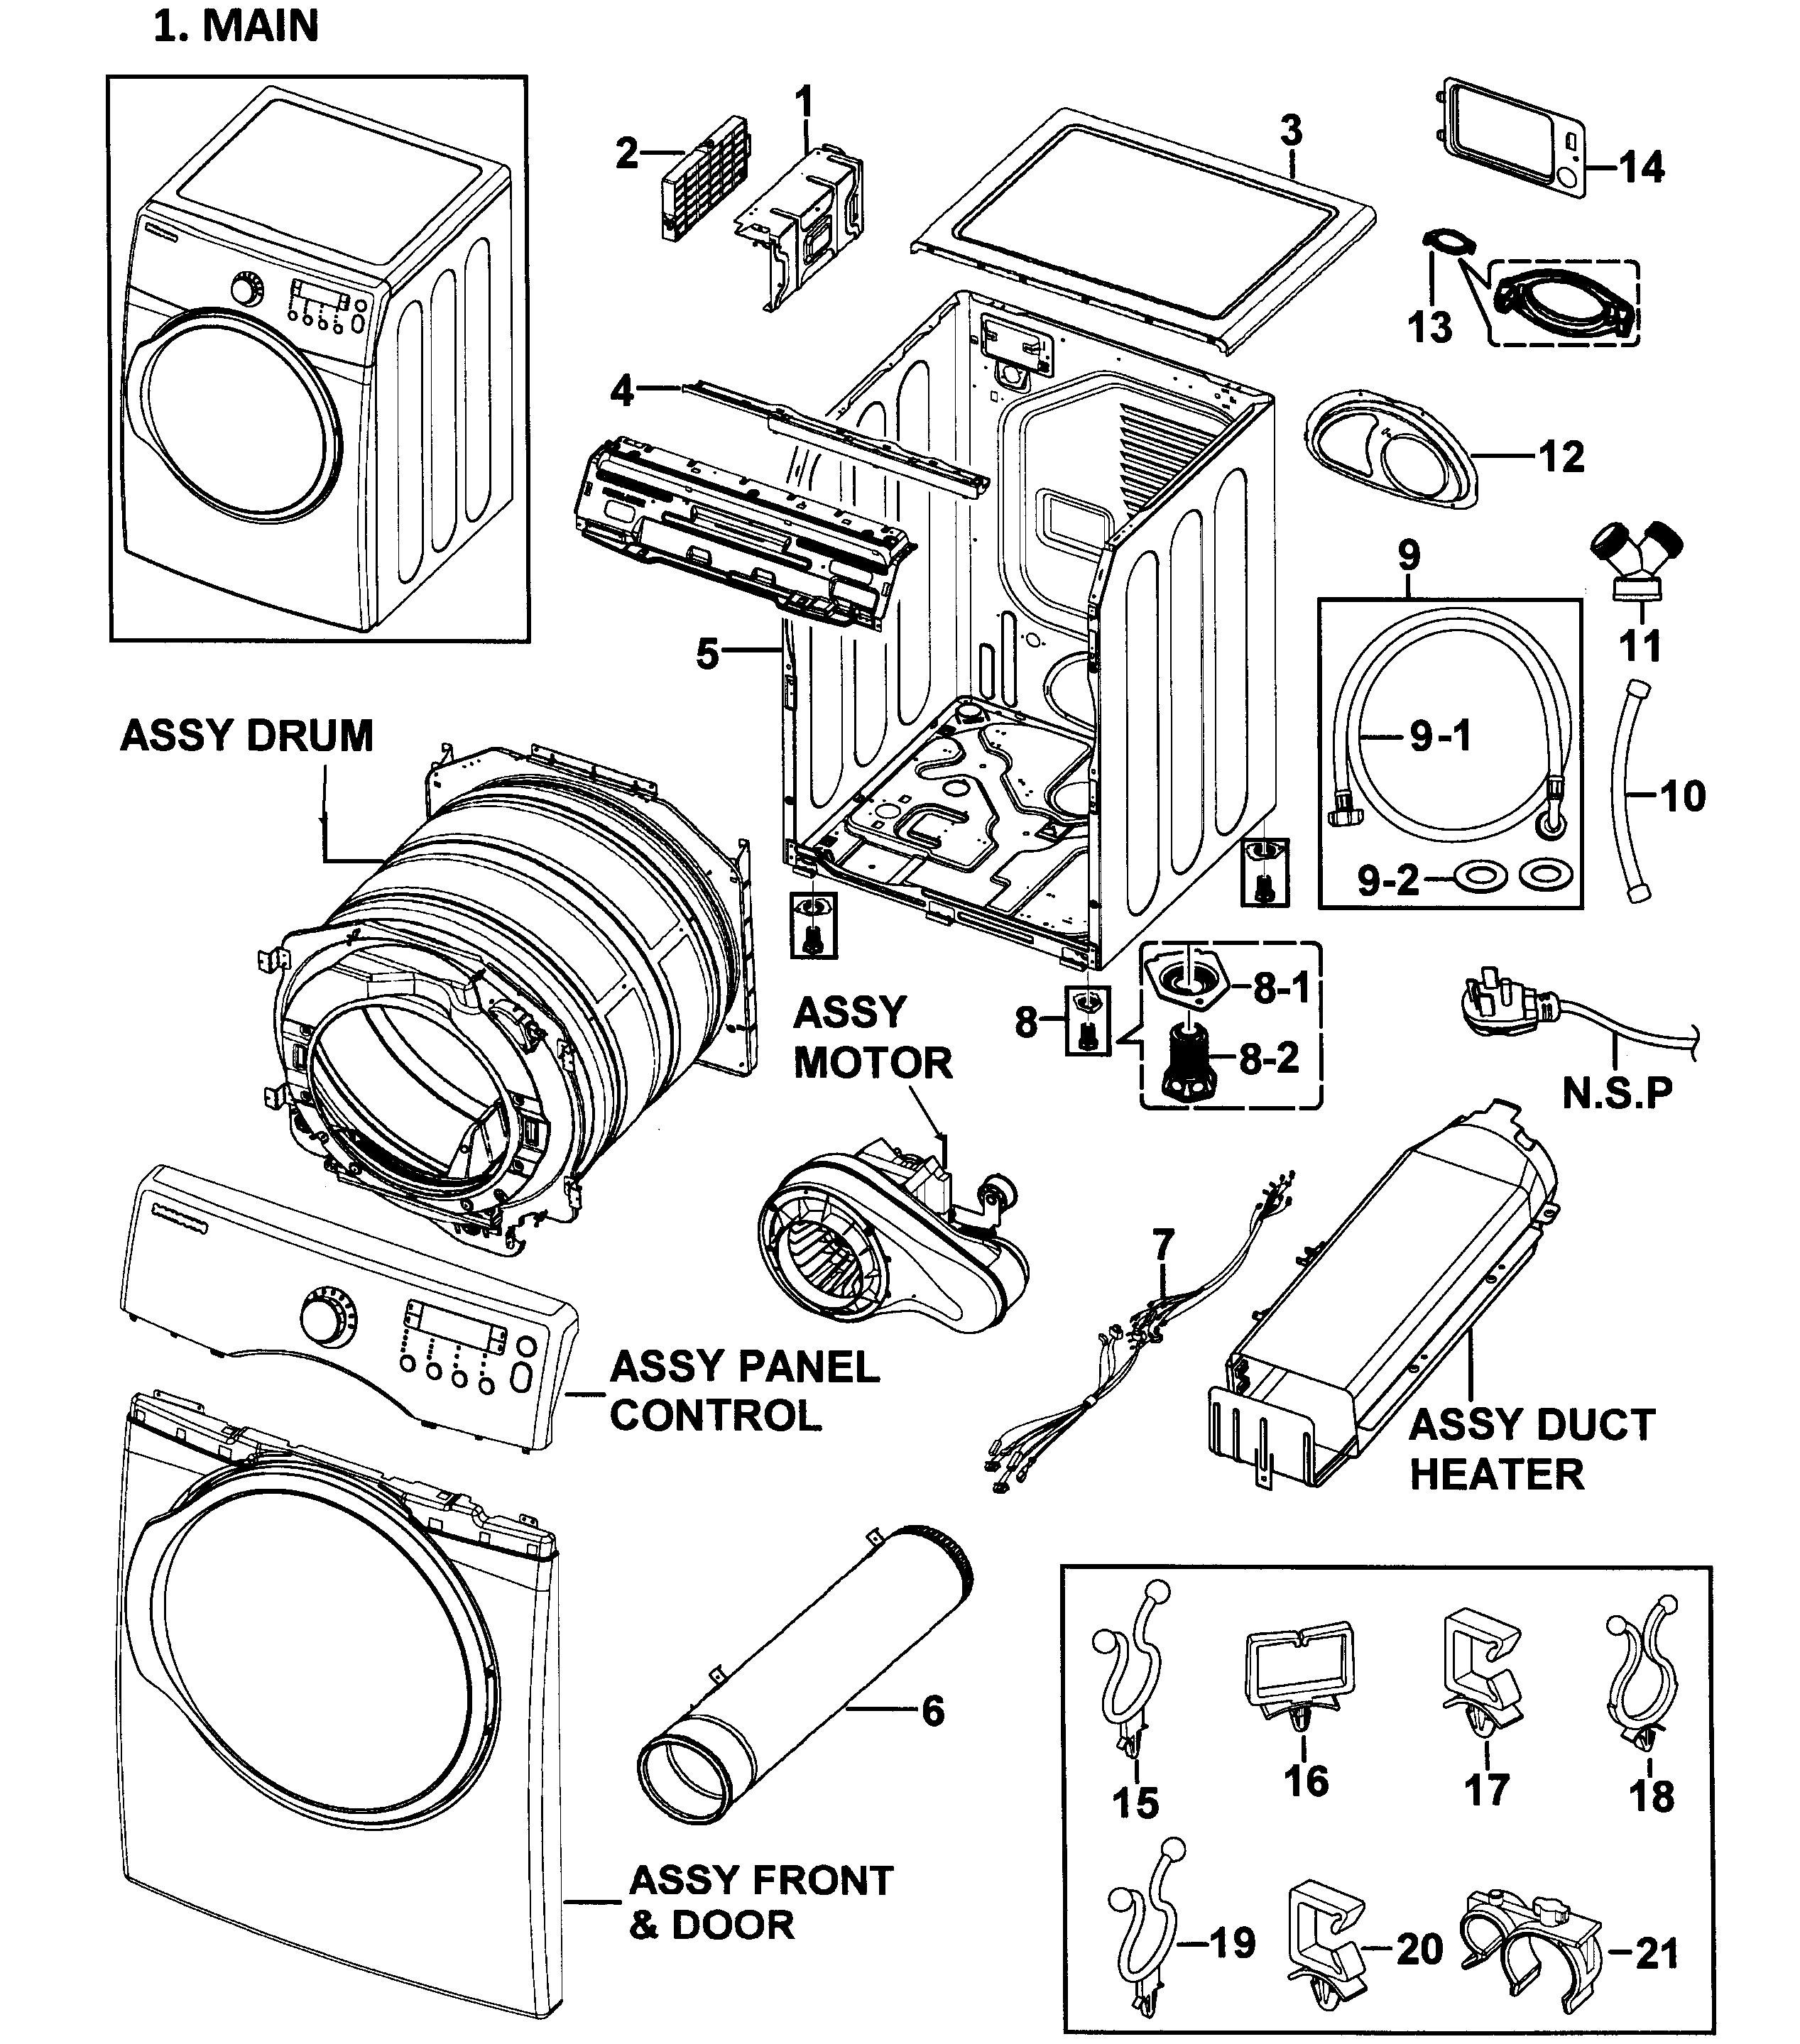 Wire Diagram for Samsung Dryer Model Dve52m8650v/a3 Samsung Dryer Wiring Diagram Of Wire Diagram for Samsung Dryer Model Dve52m8650v/a3